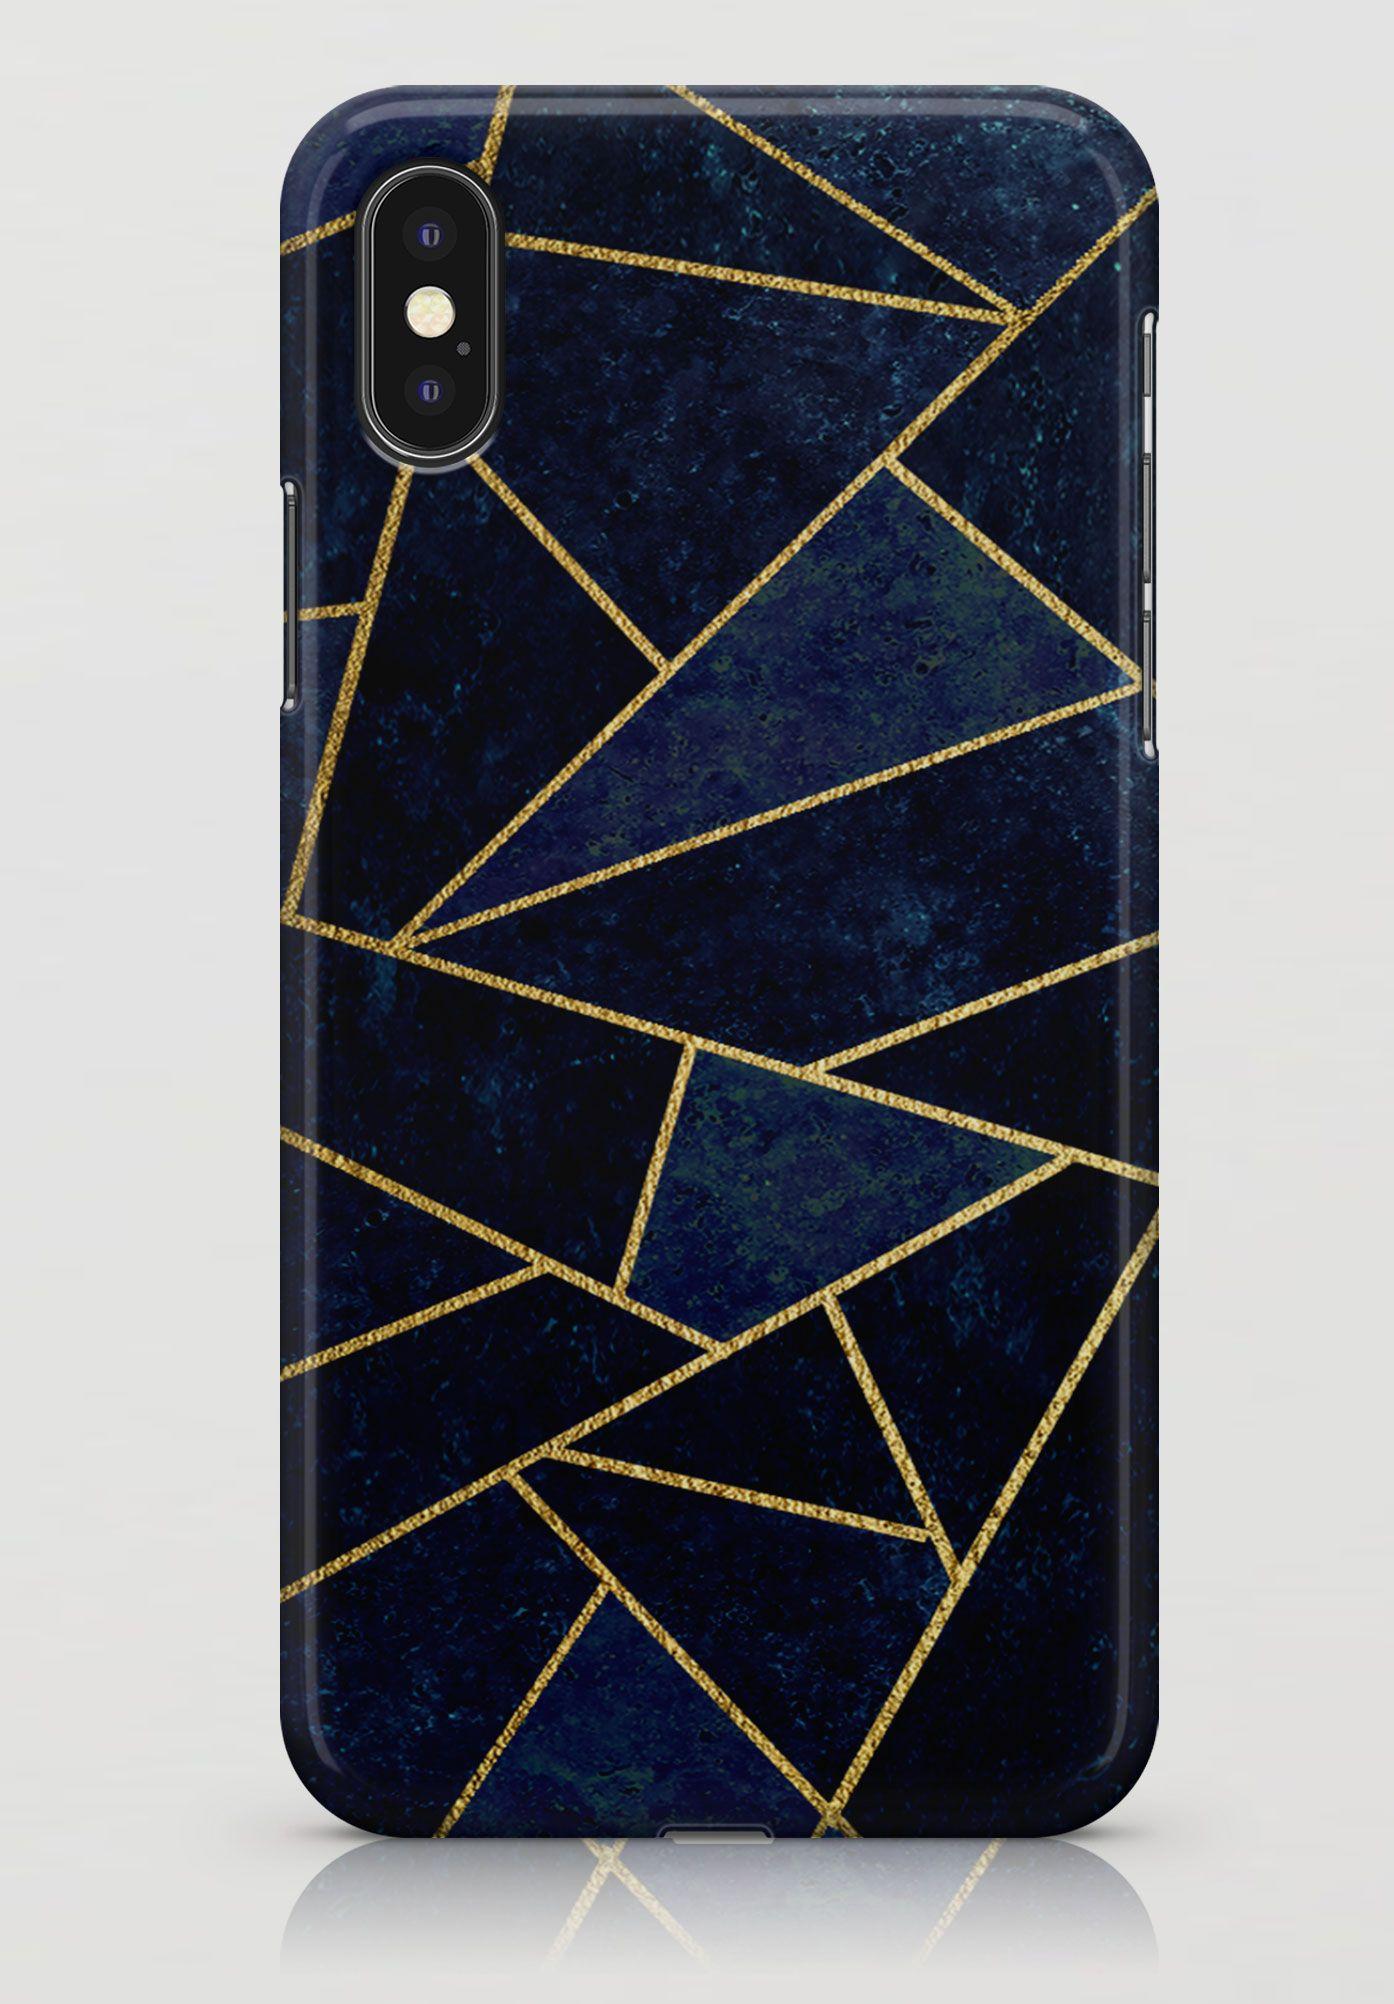 Iphone Von Galeriesilberschatz I Art I Ar Auf Phone Cases Apple Iphone Geometrisch